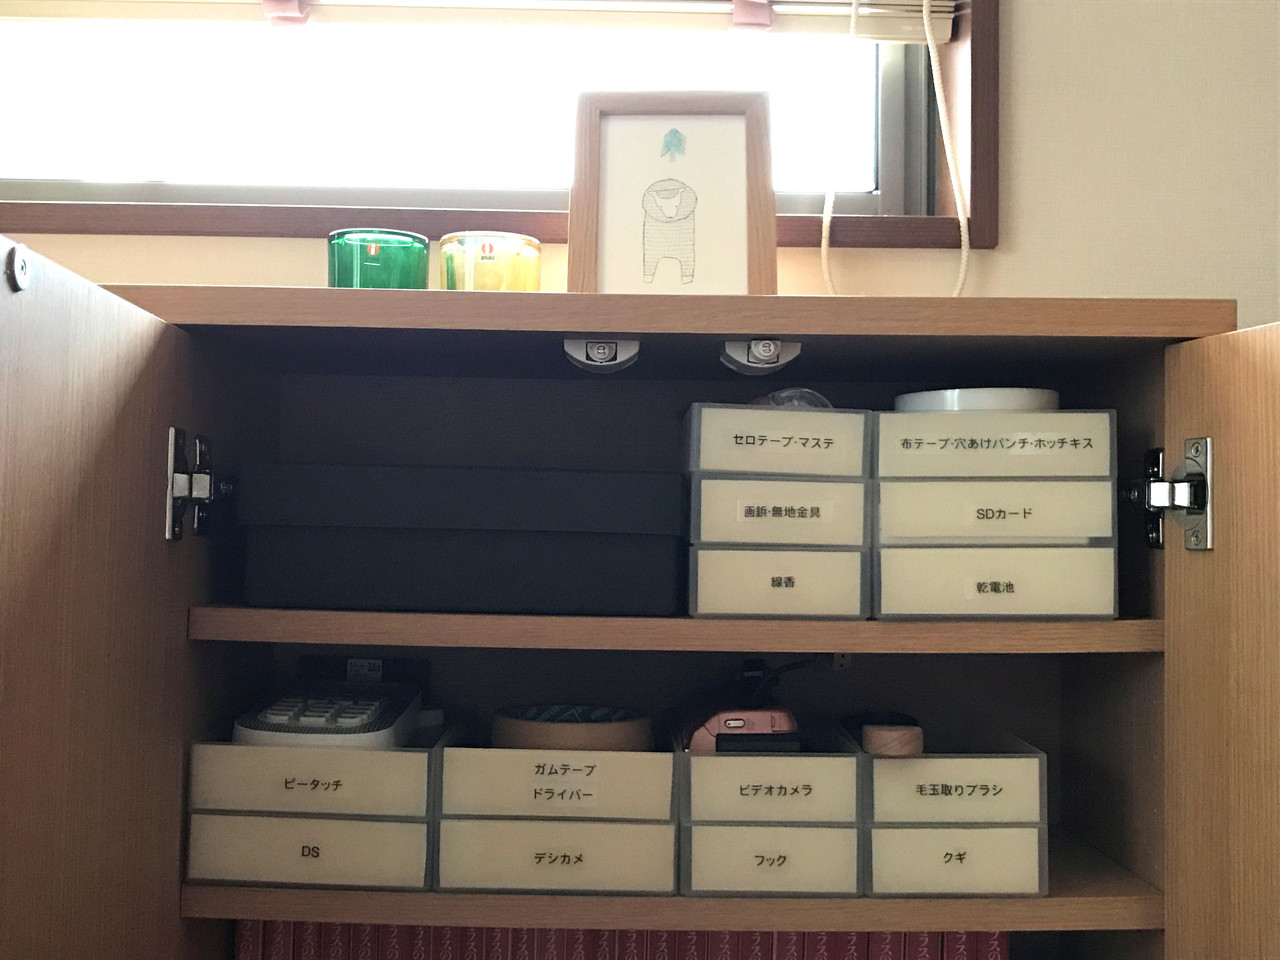 ここには、文具類や工具類を整理したかったのです。